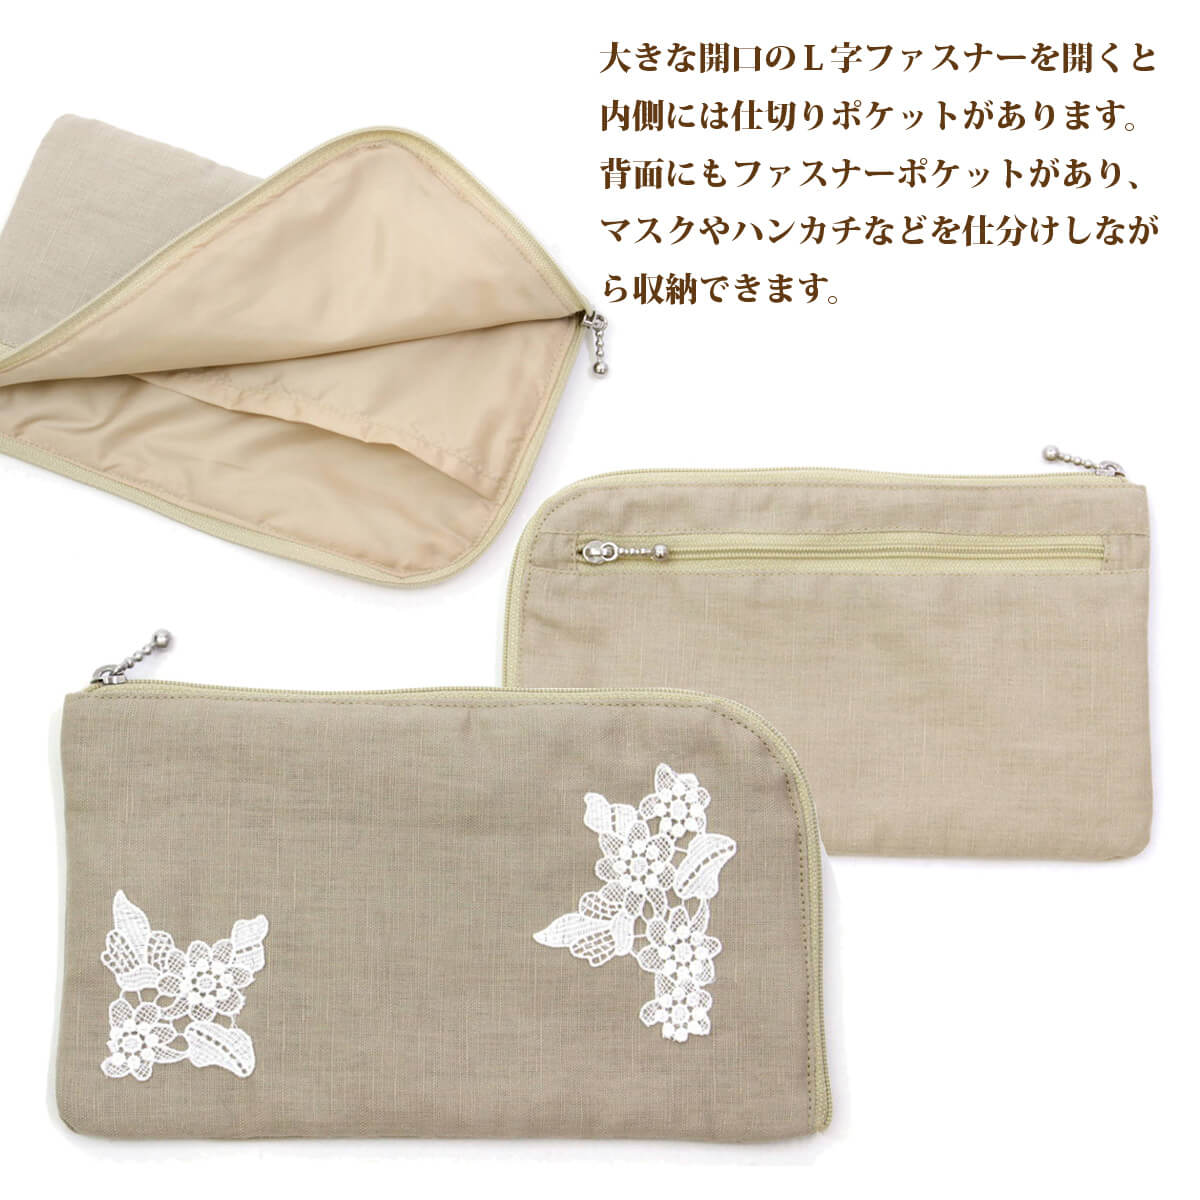 リノシリーズ マスクケースは3色(ベージュ、ピンク、ブラック)ございます。